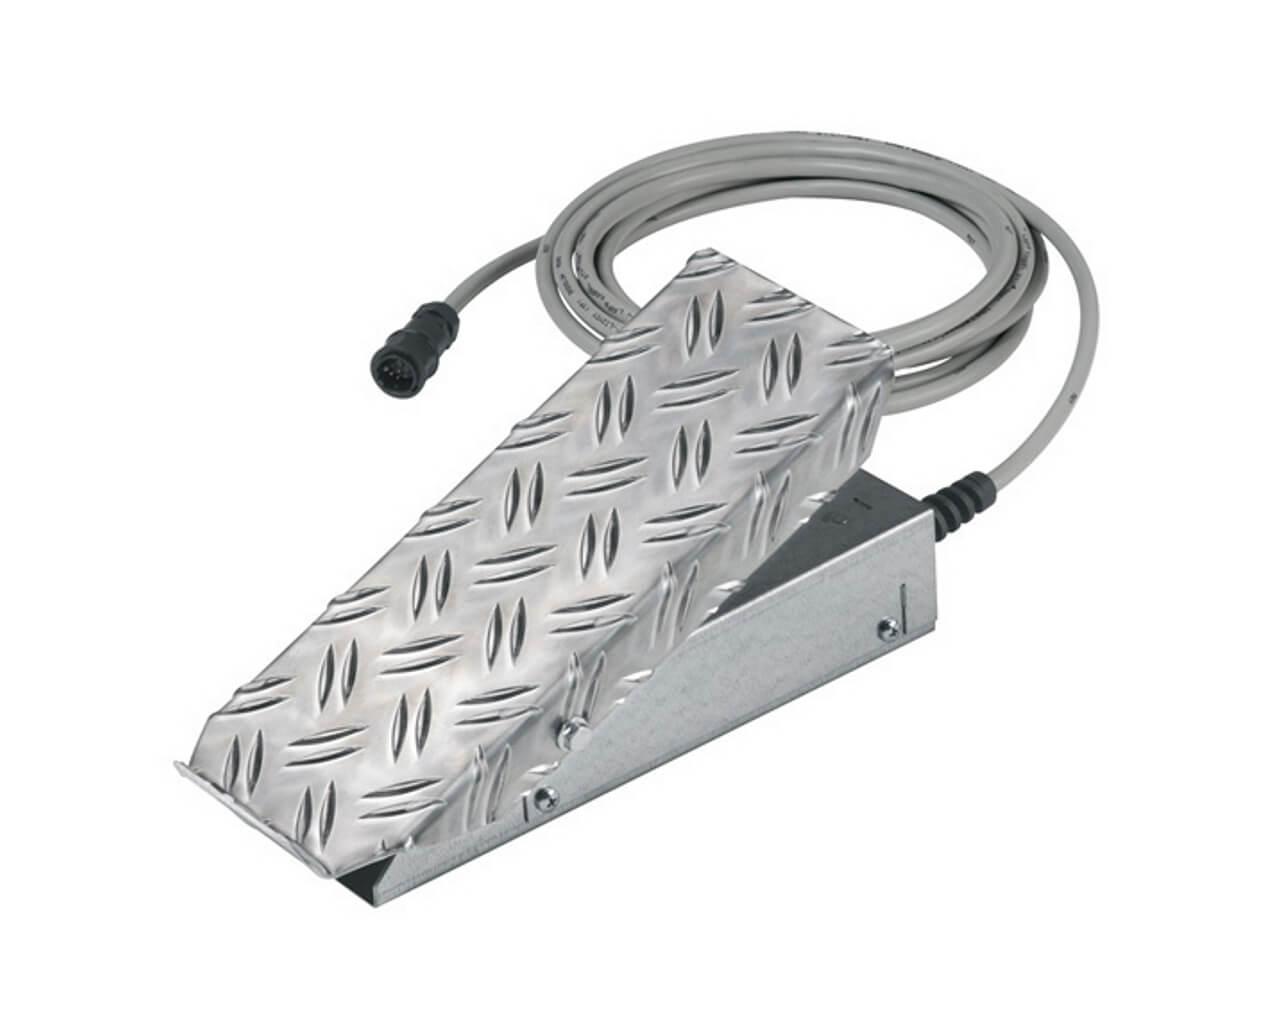 Fußfernregler REHM mit Kabel 5m für TIGER 180 / 230